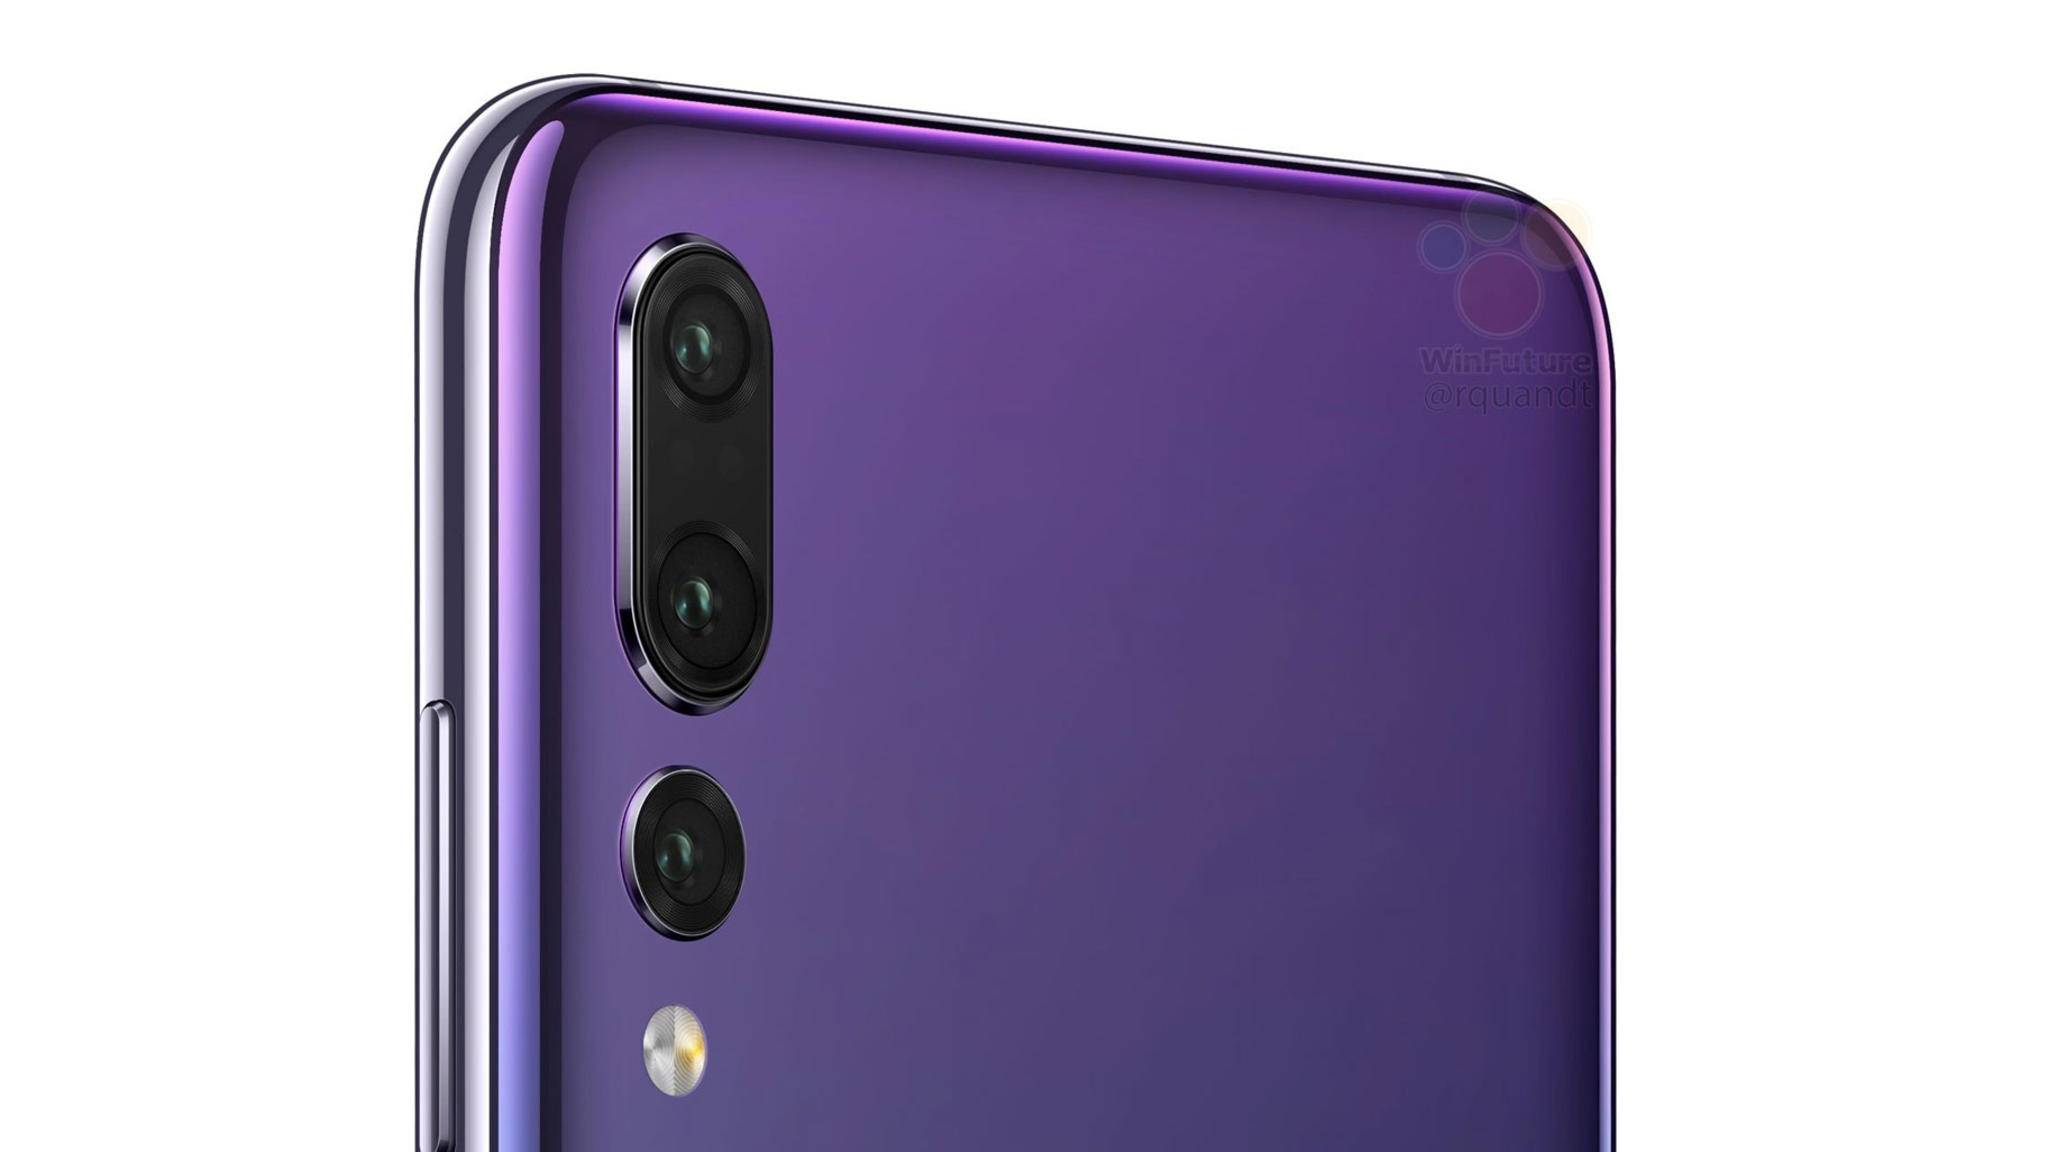 Das Huawei P20 Pro hat eine waschechte Triple-Kamera an Bord.